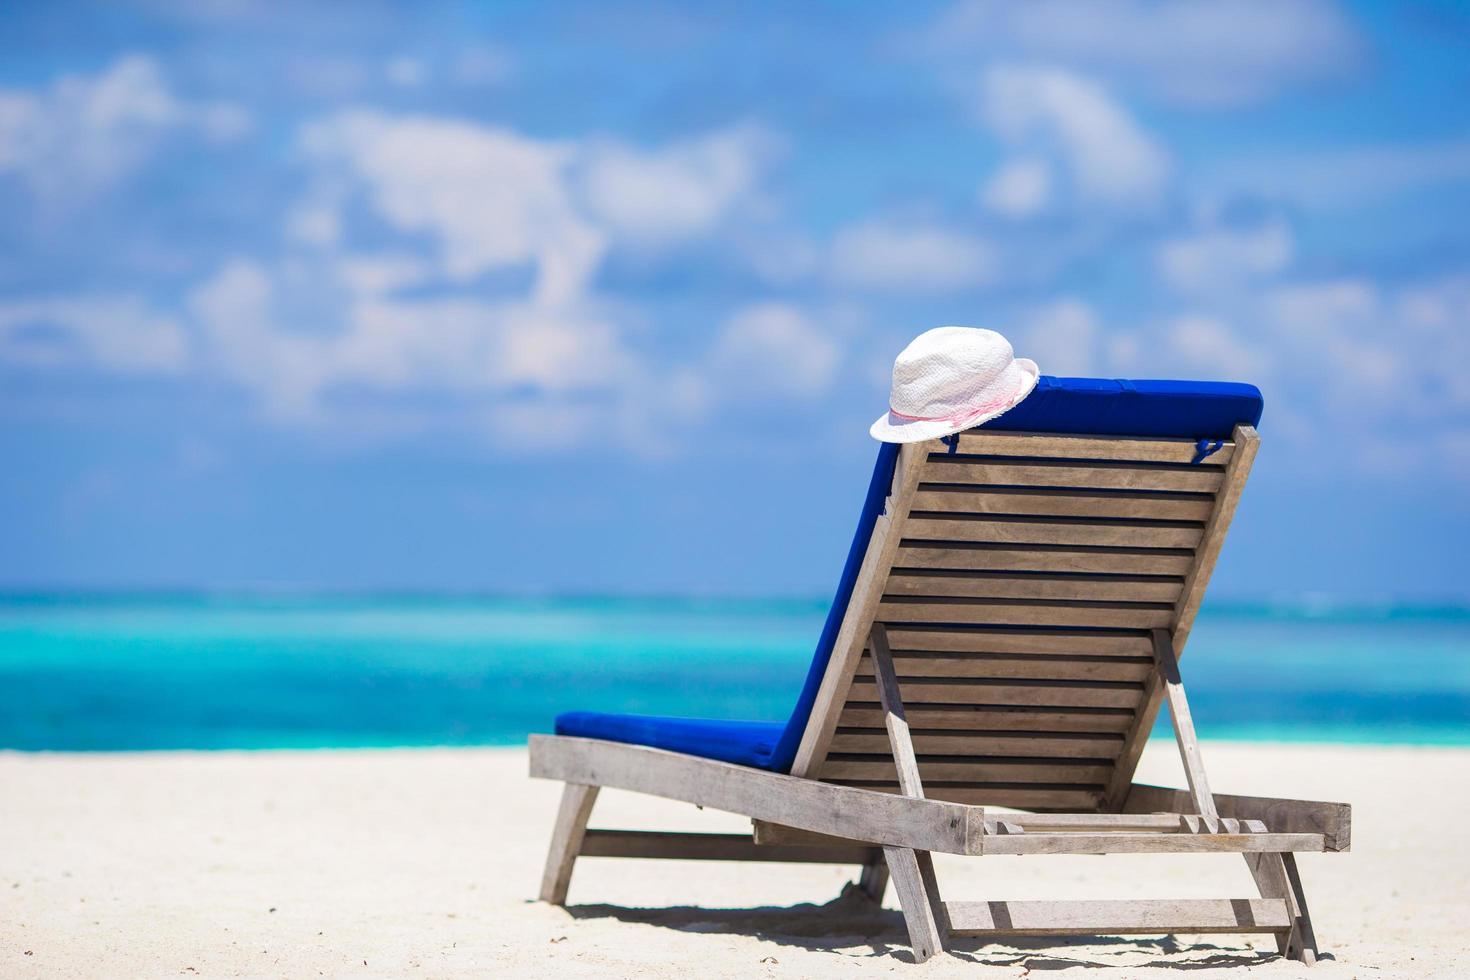 poltrona e chapéu branco em praia tropical foto